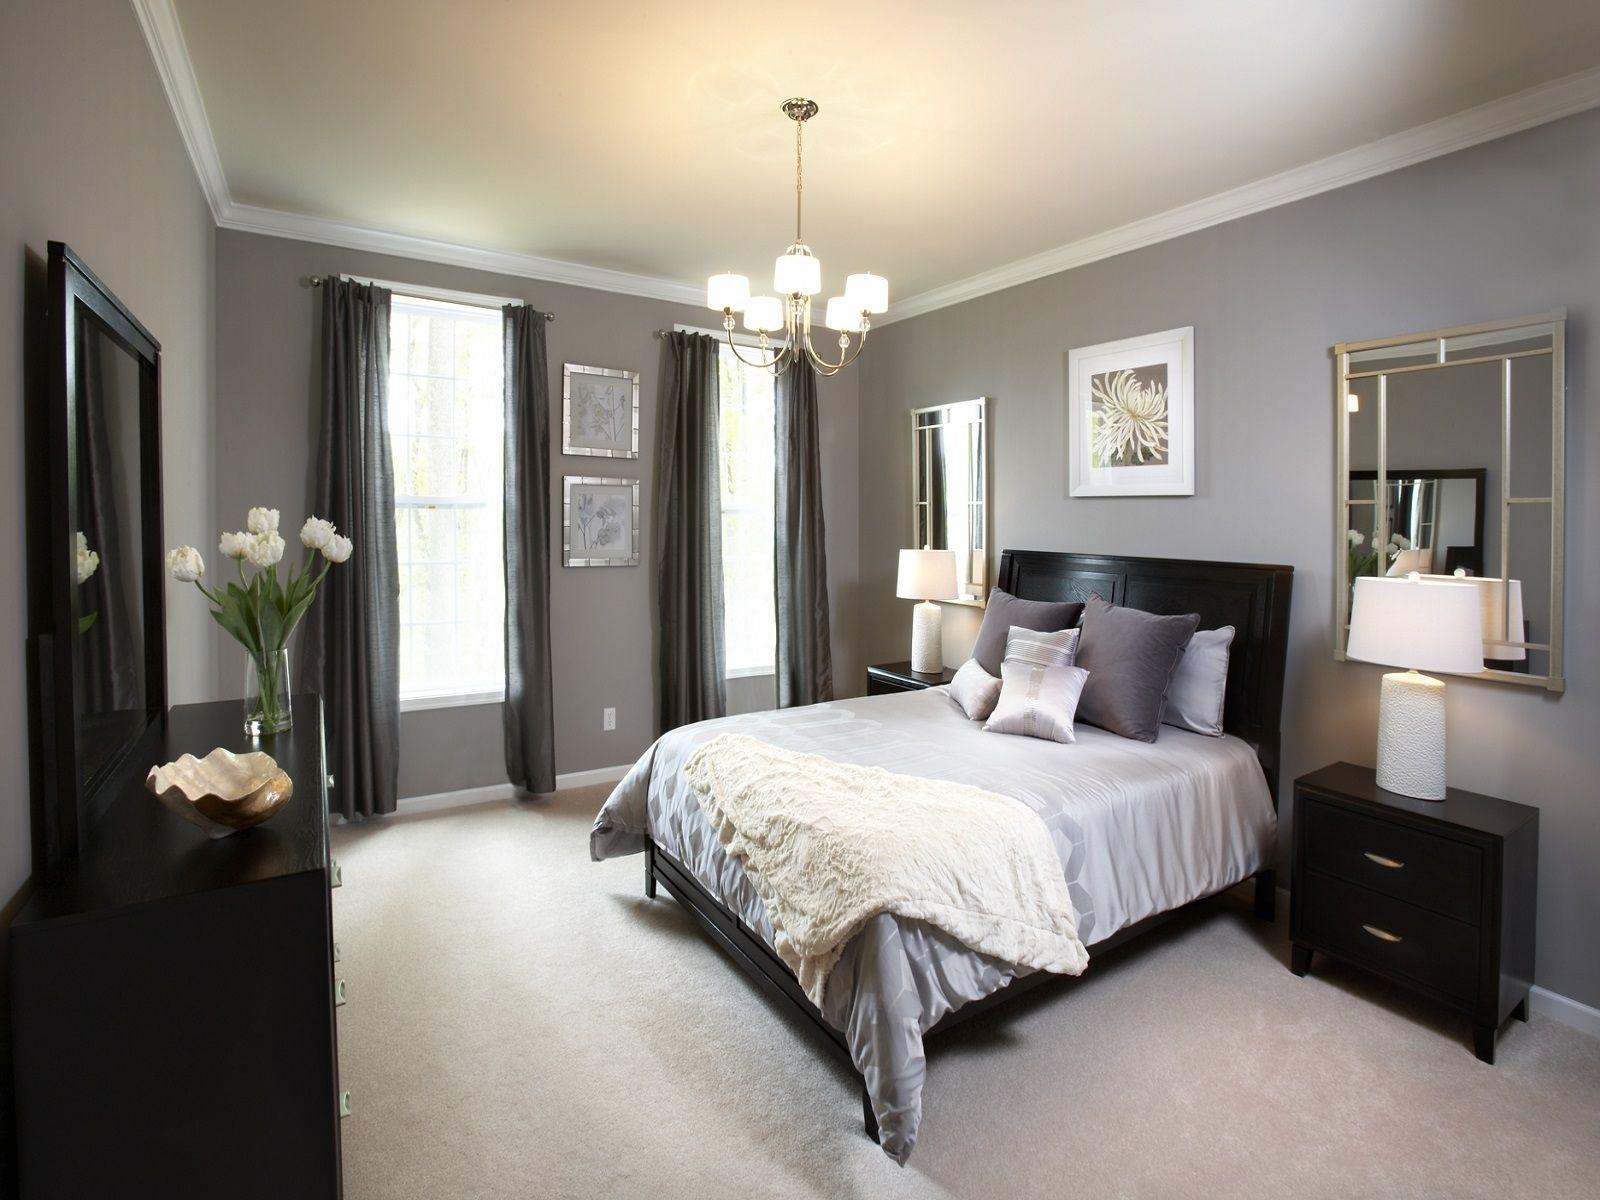 Master bedroom decorating ideas gray  Master Bedroom Room Decorating Ideas  Bedroom decorating ideas